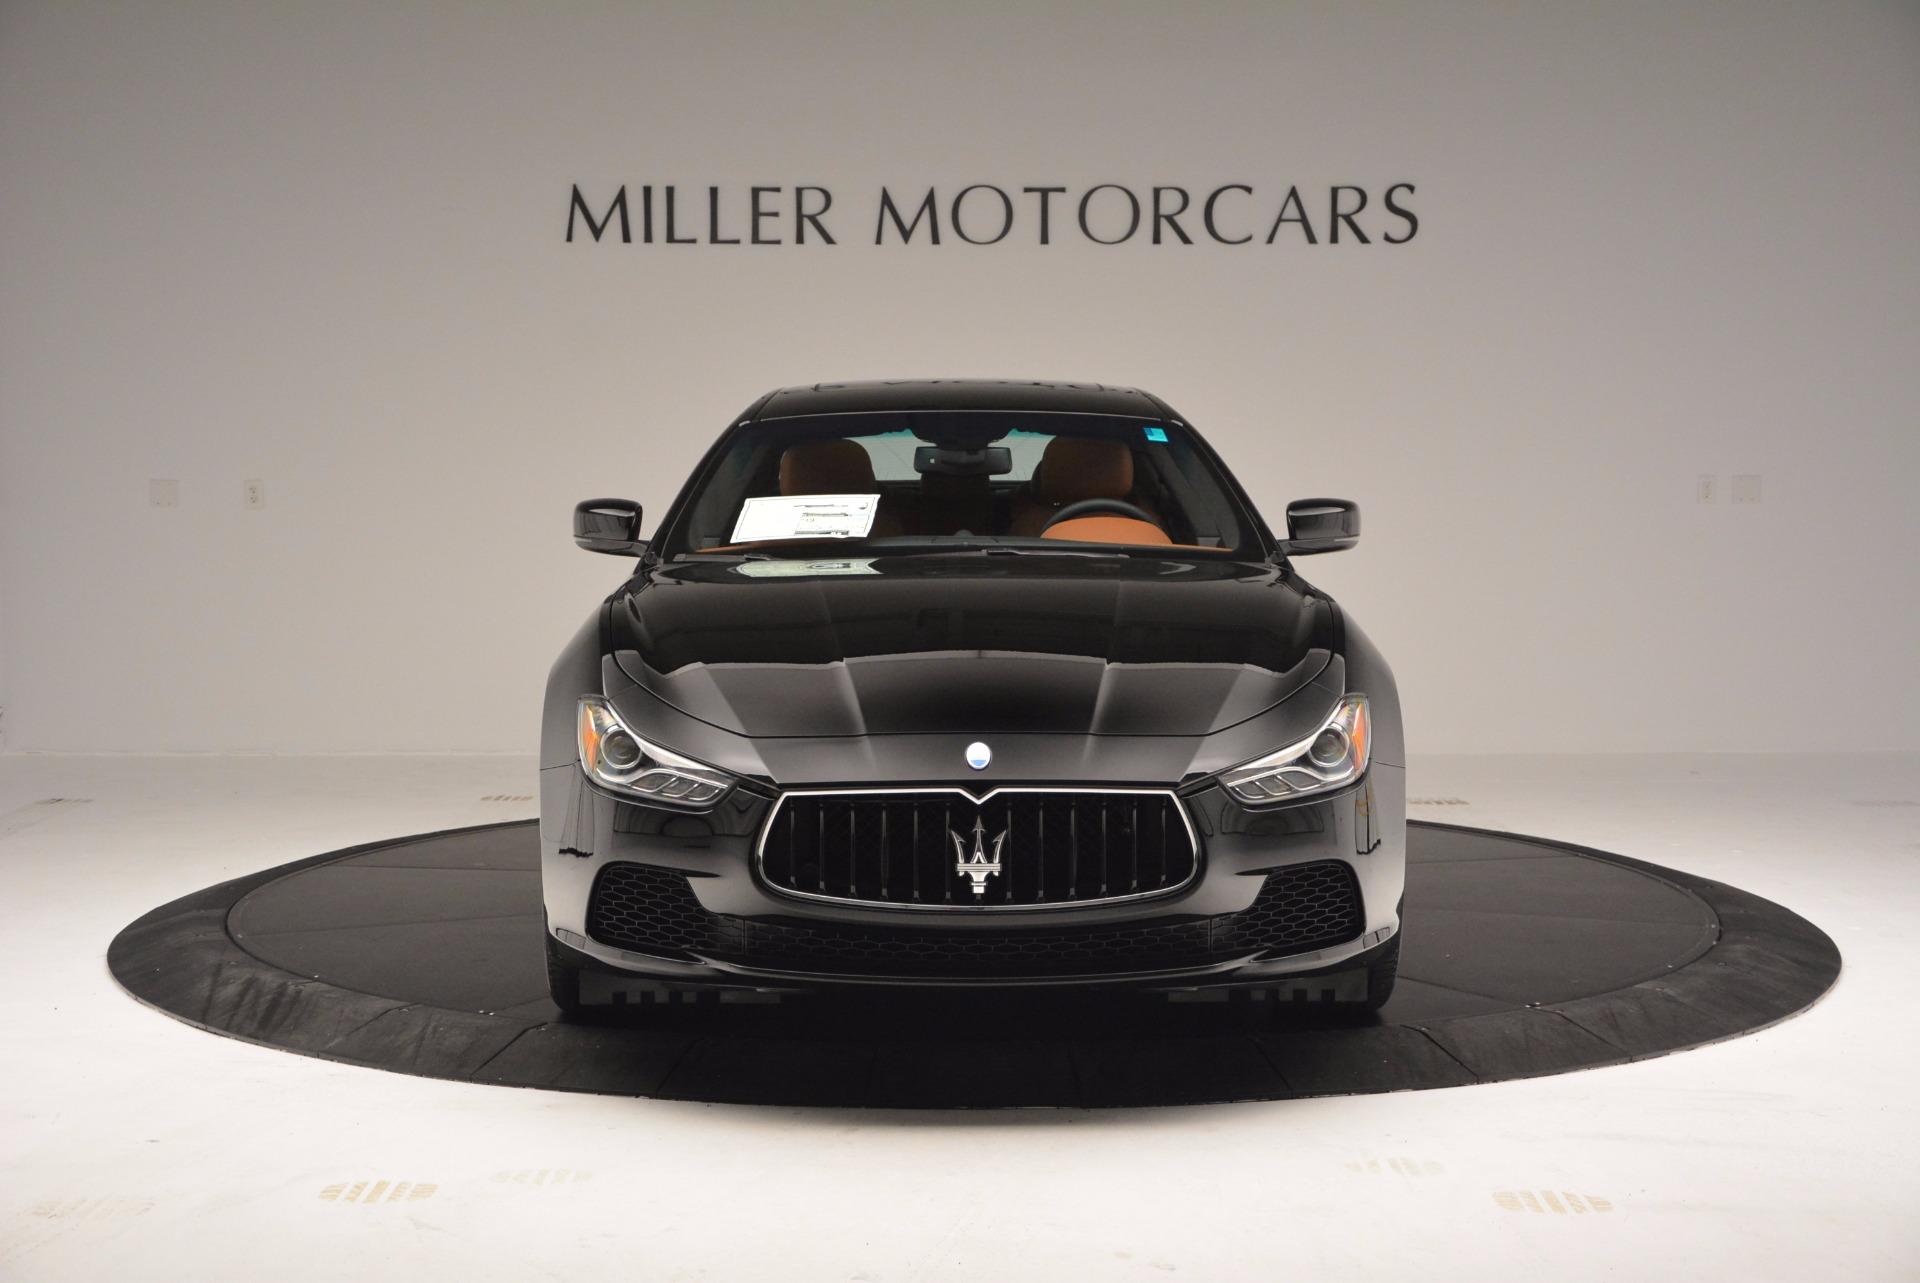 New 2017 Maserati Ghibli SQ4 For Sale In Greenwich, CT 1036_p12